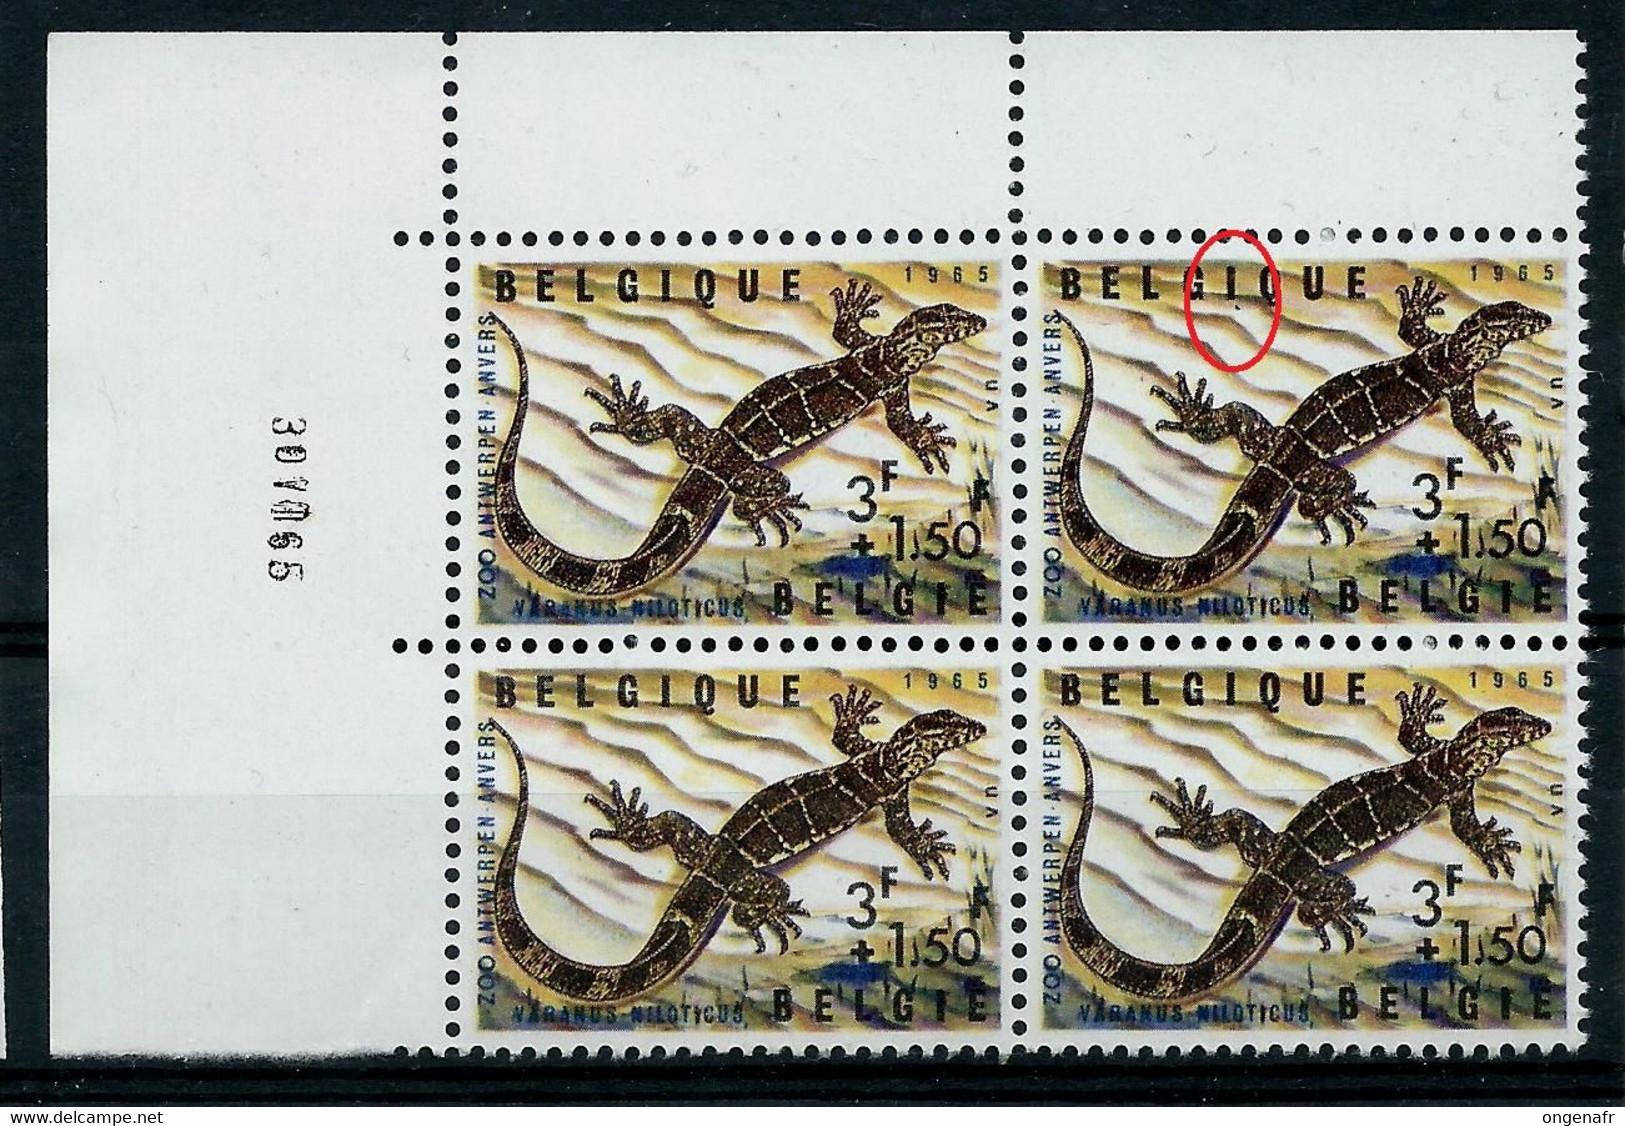 Bloc De 4 Cdf Datée ( 30 VII 65) N° 1346 V3 - Trait Sous I De Belgique - (état: **) - Plaatfouten (Catalogus OCB)